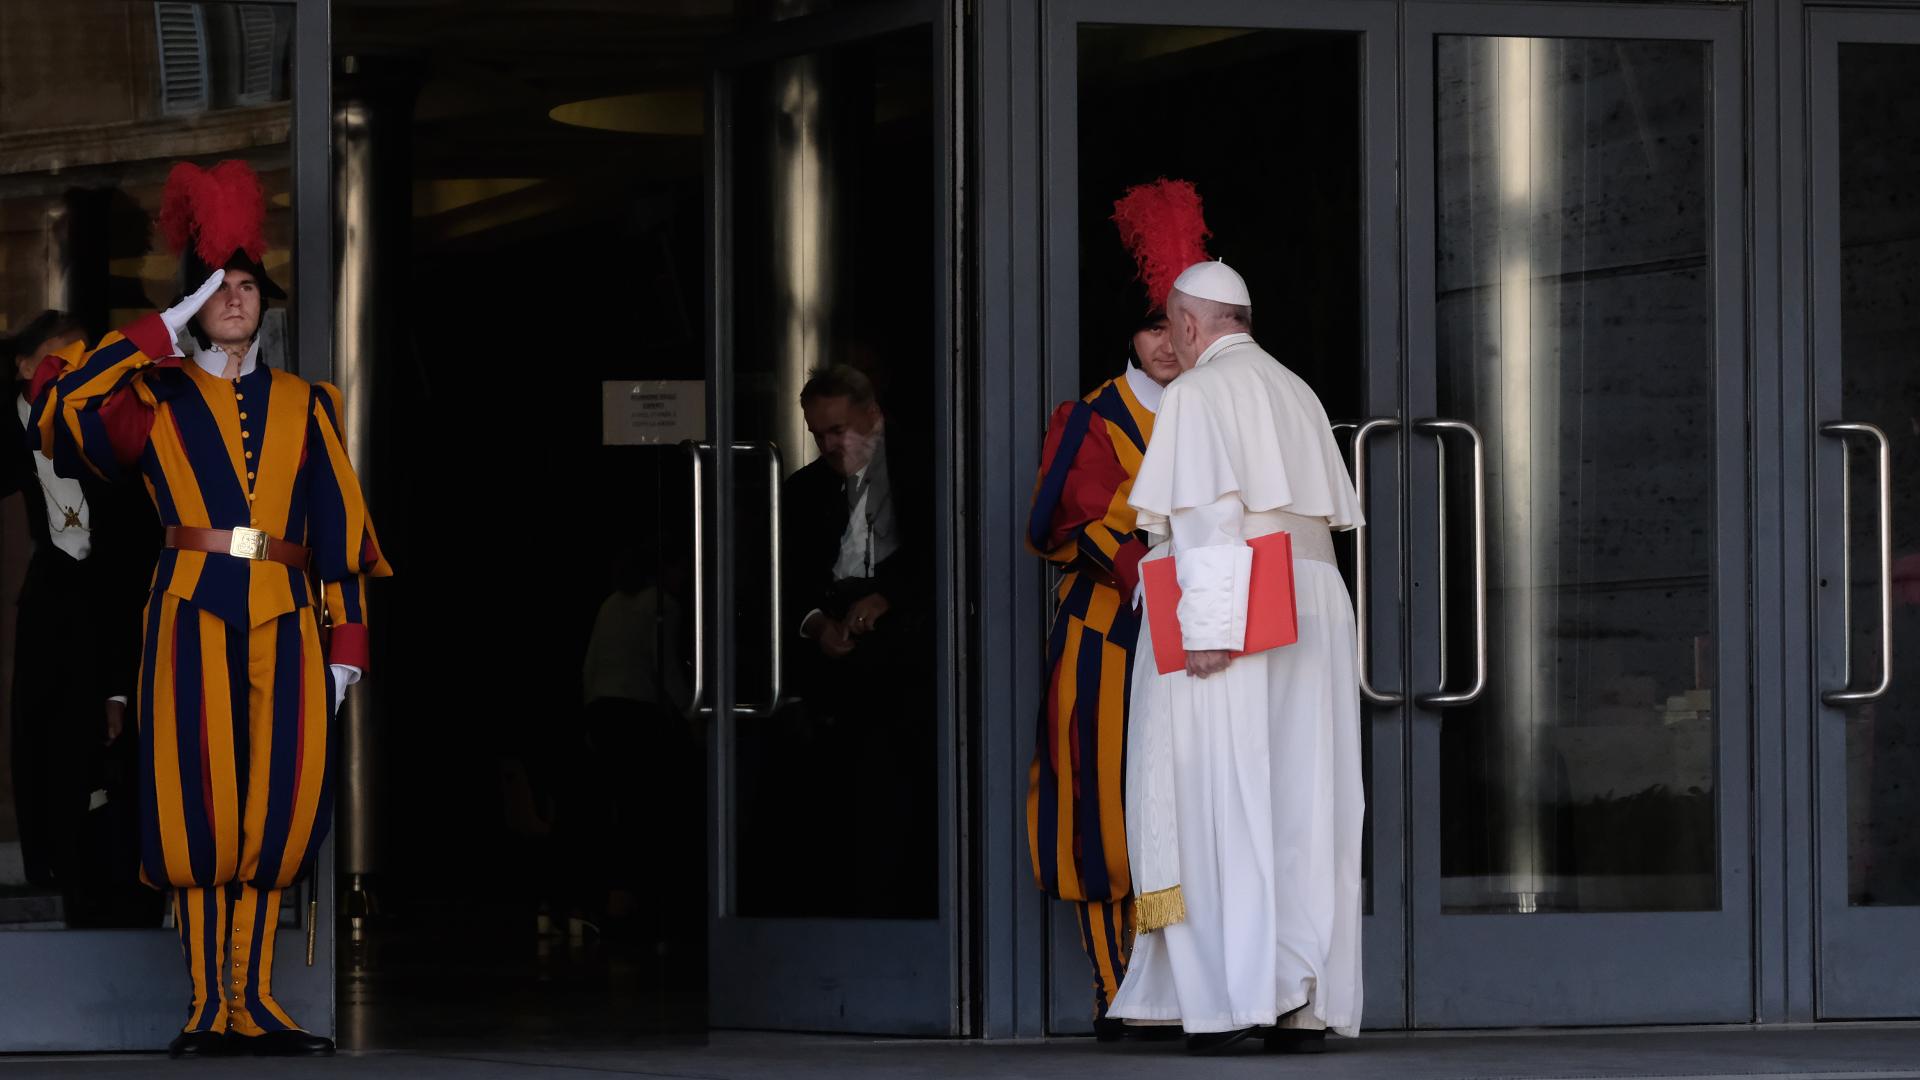 Papst Franziskus begrüsst Schweizergardisten | © Oliver Sittel